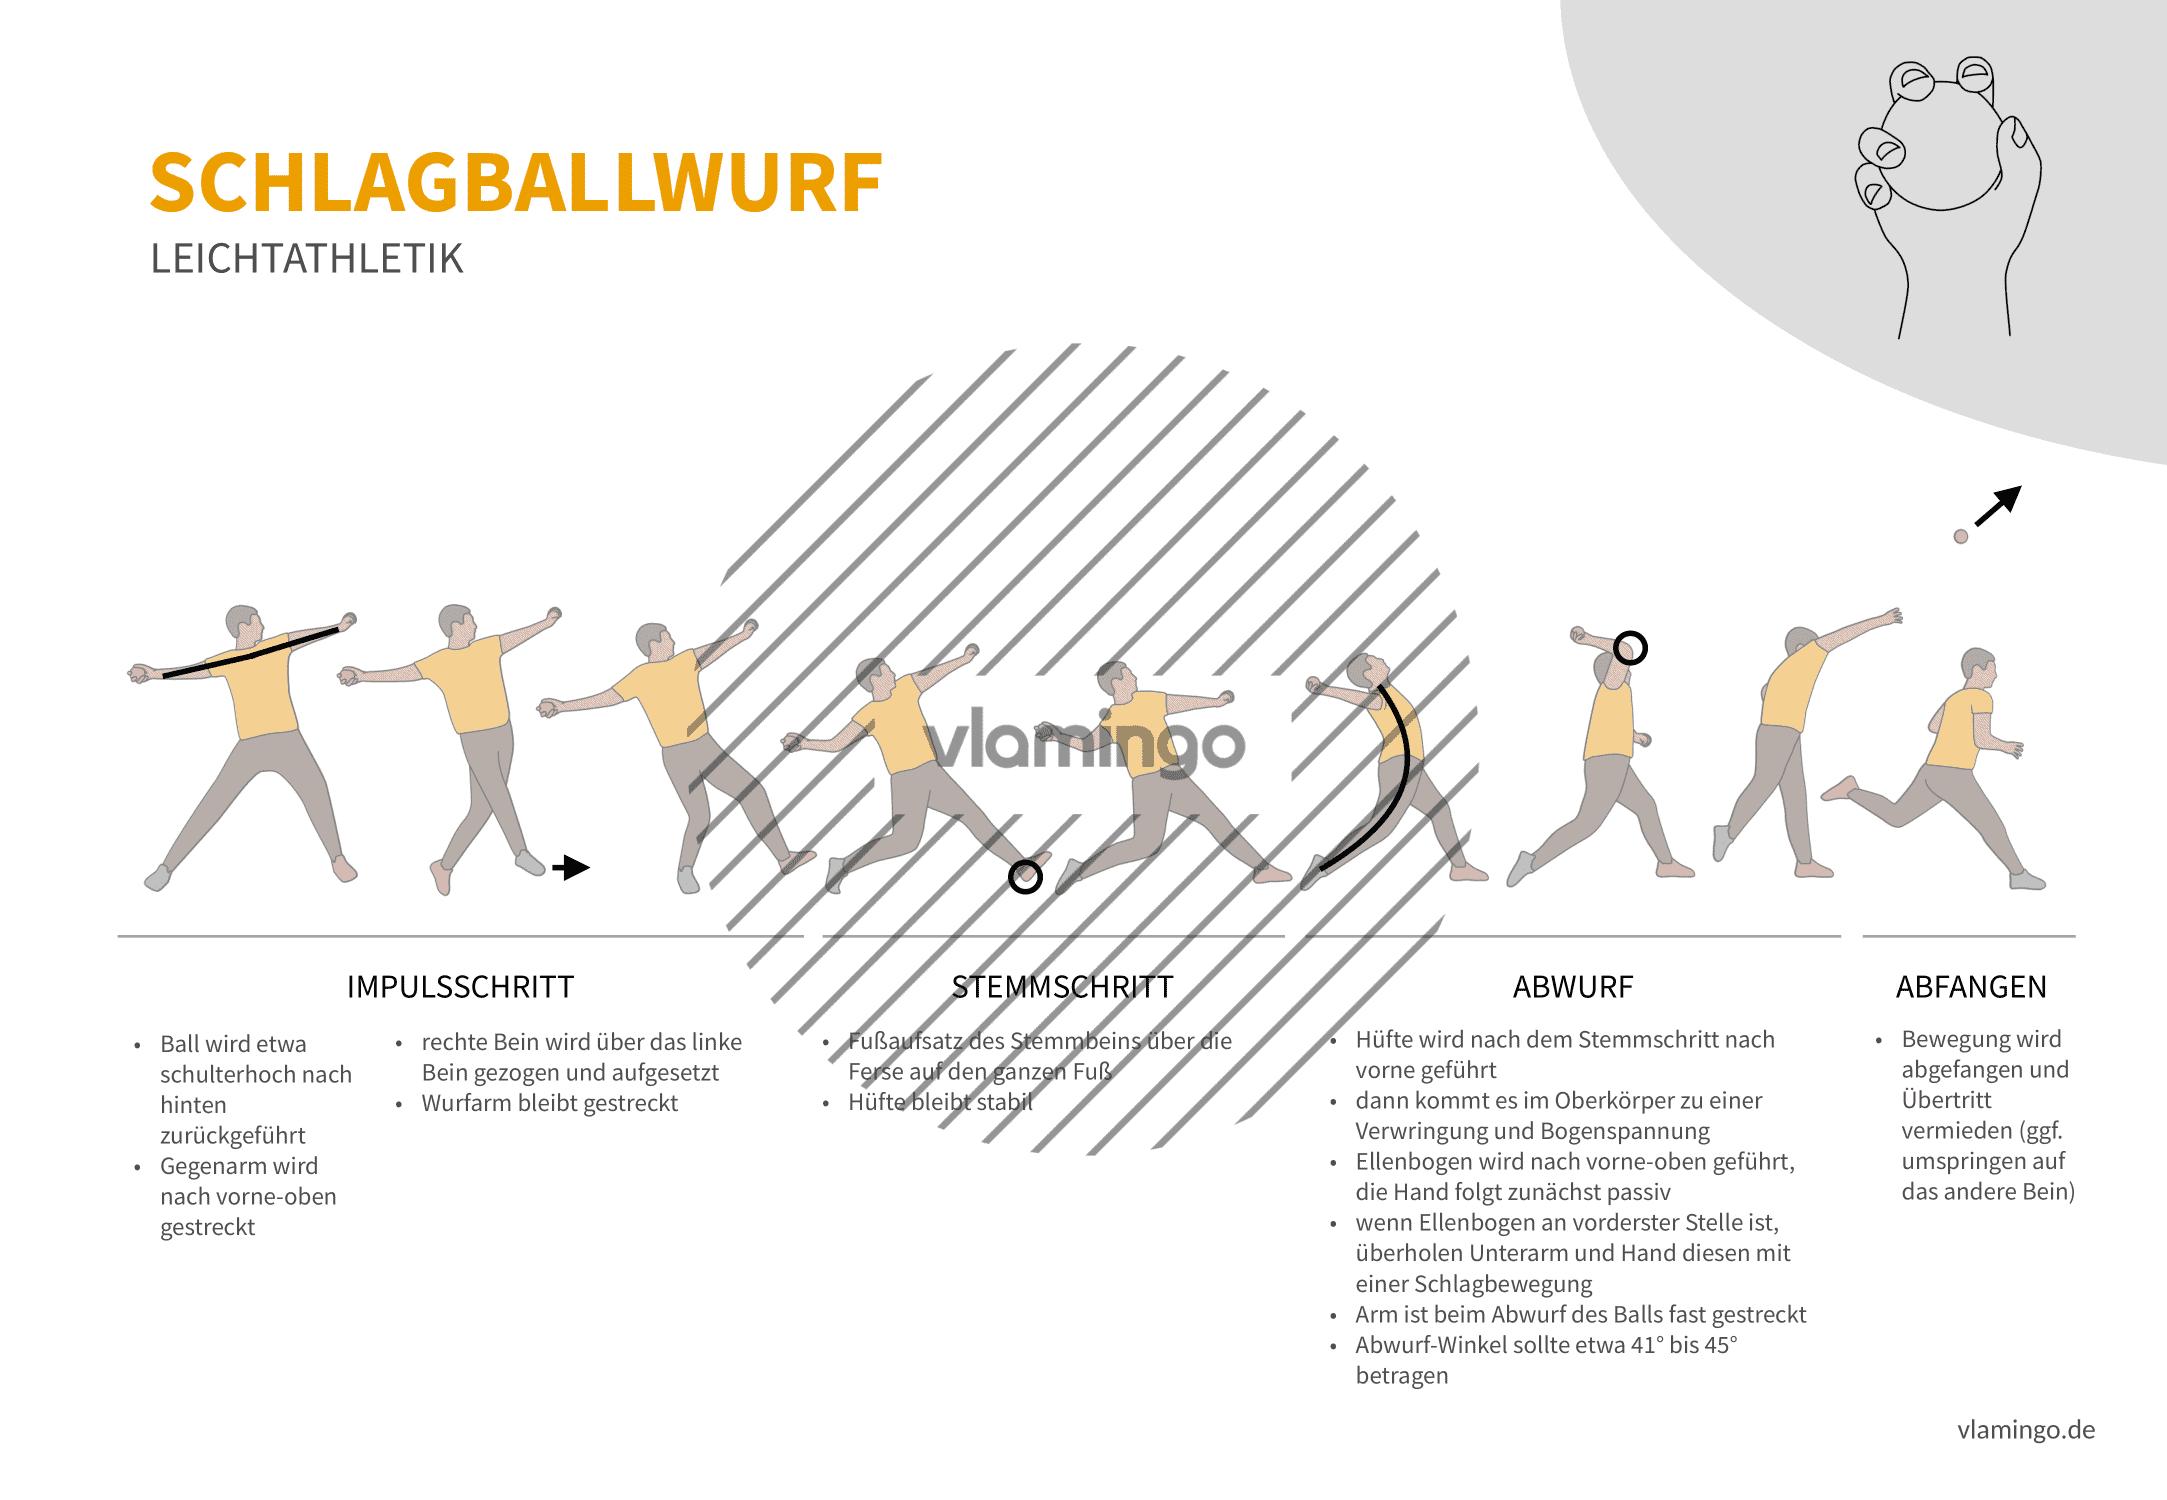 Schlagballwurf (Bewegungsanalyse) - Leichtathletik